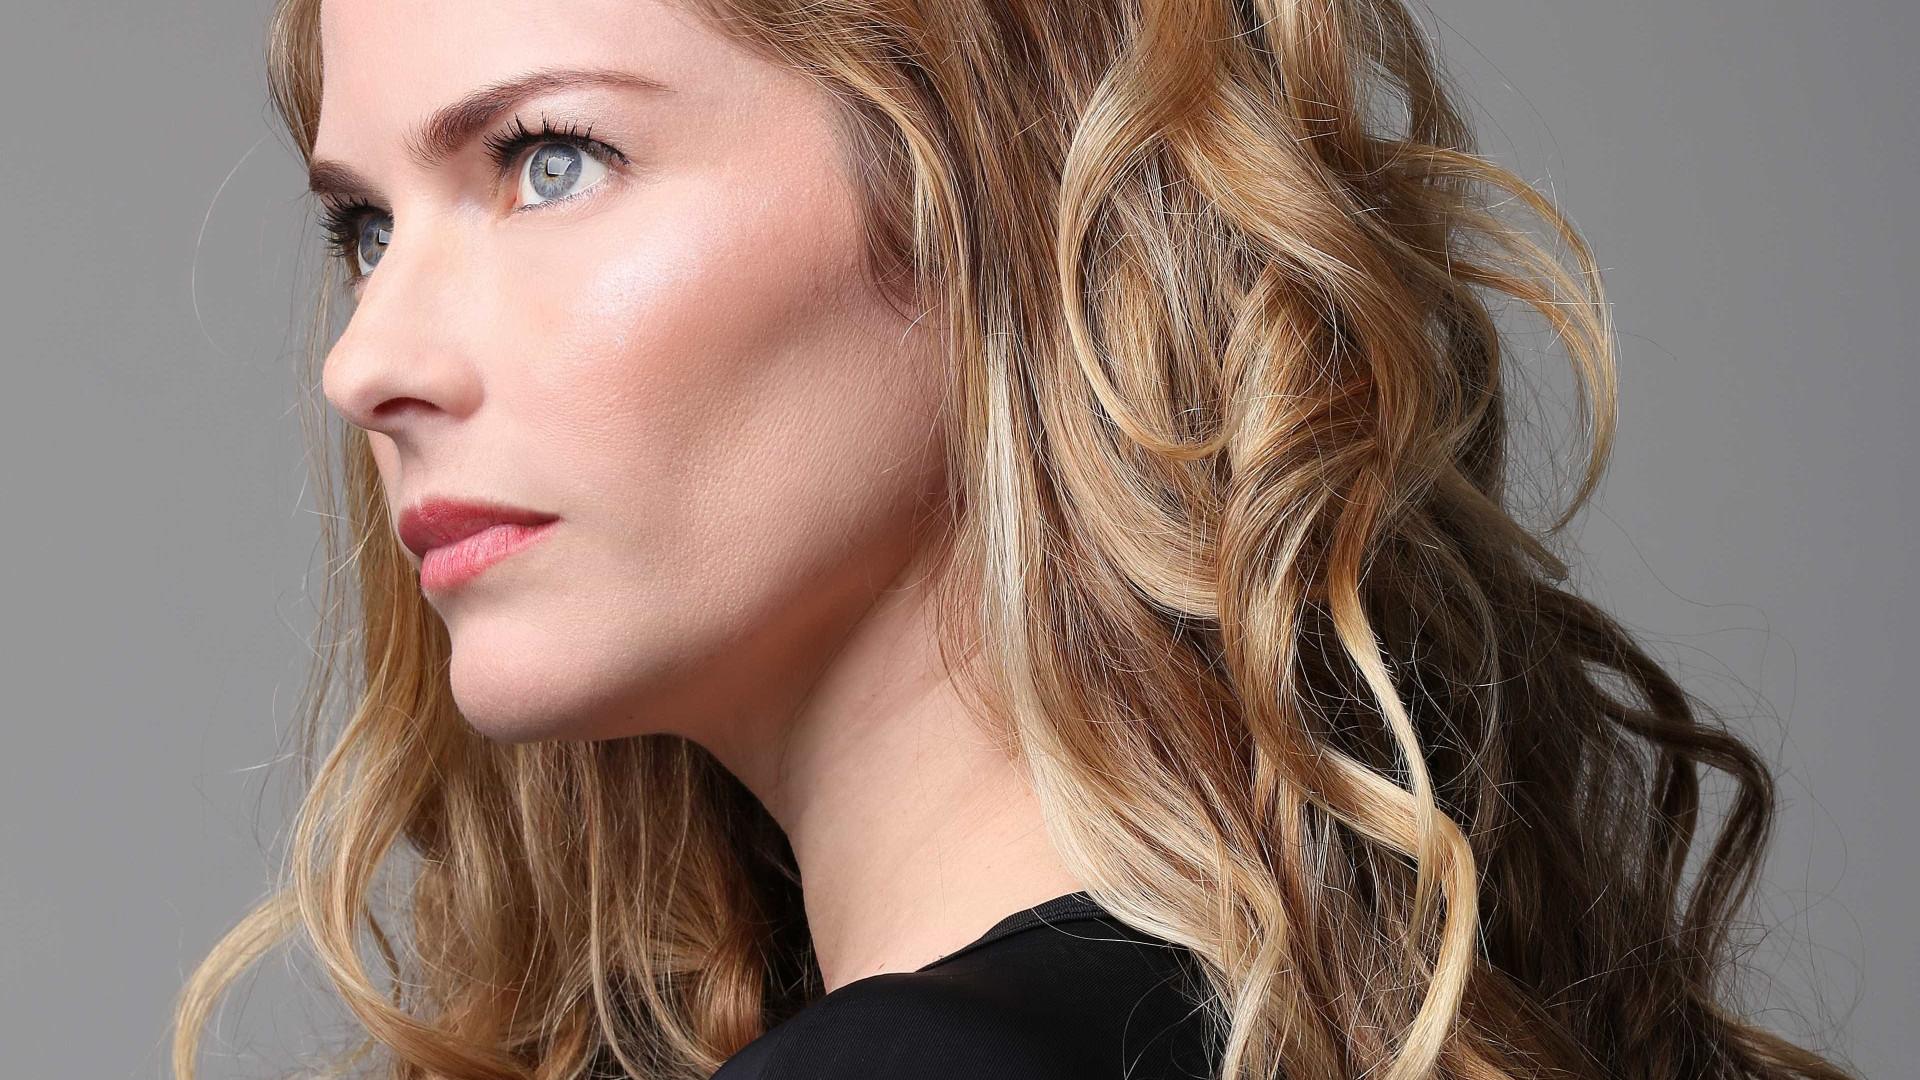 'Não enlouqueço porque já sou louca', diz atriz com 4 filhos e solteira